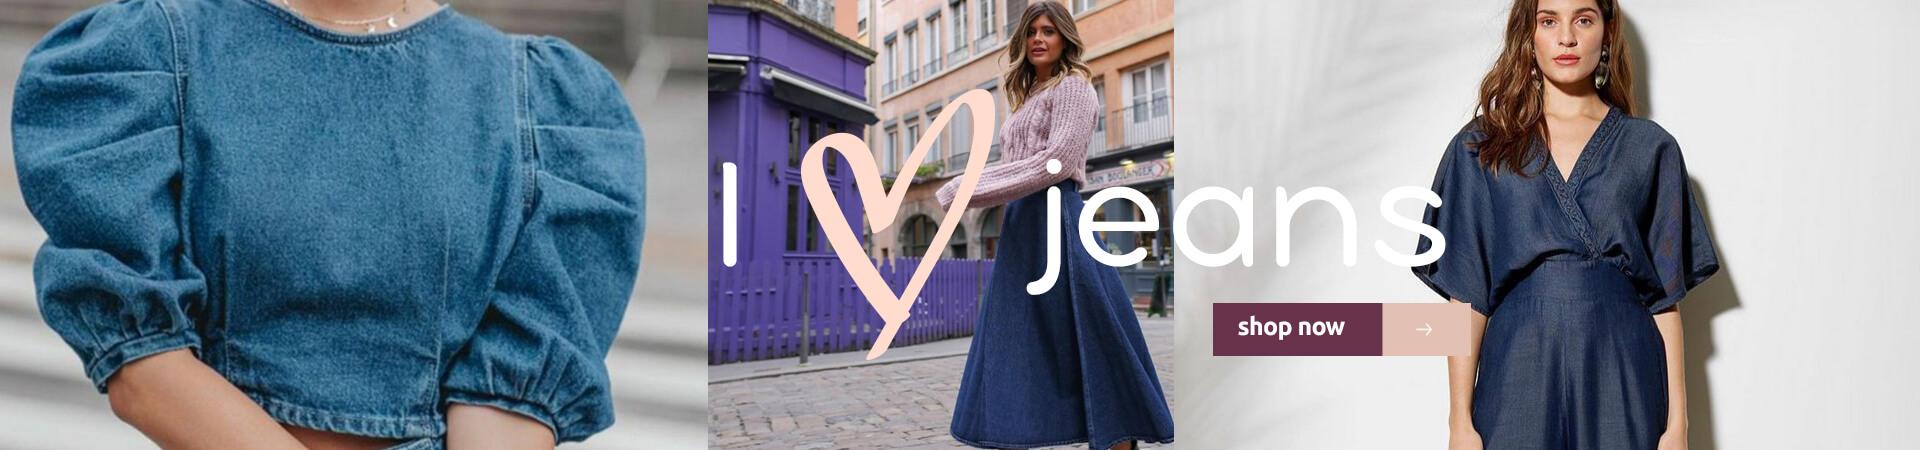 fullbanner 3 - Jeans